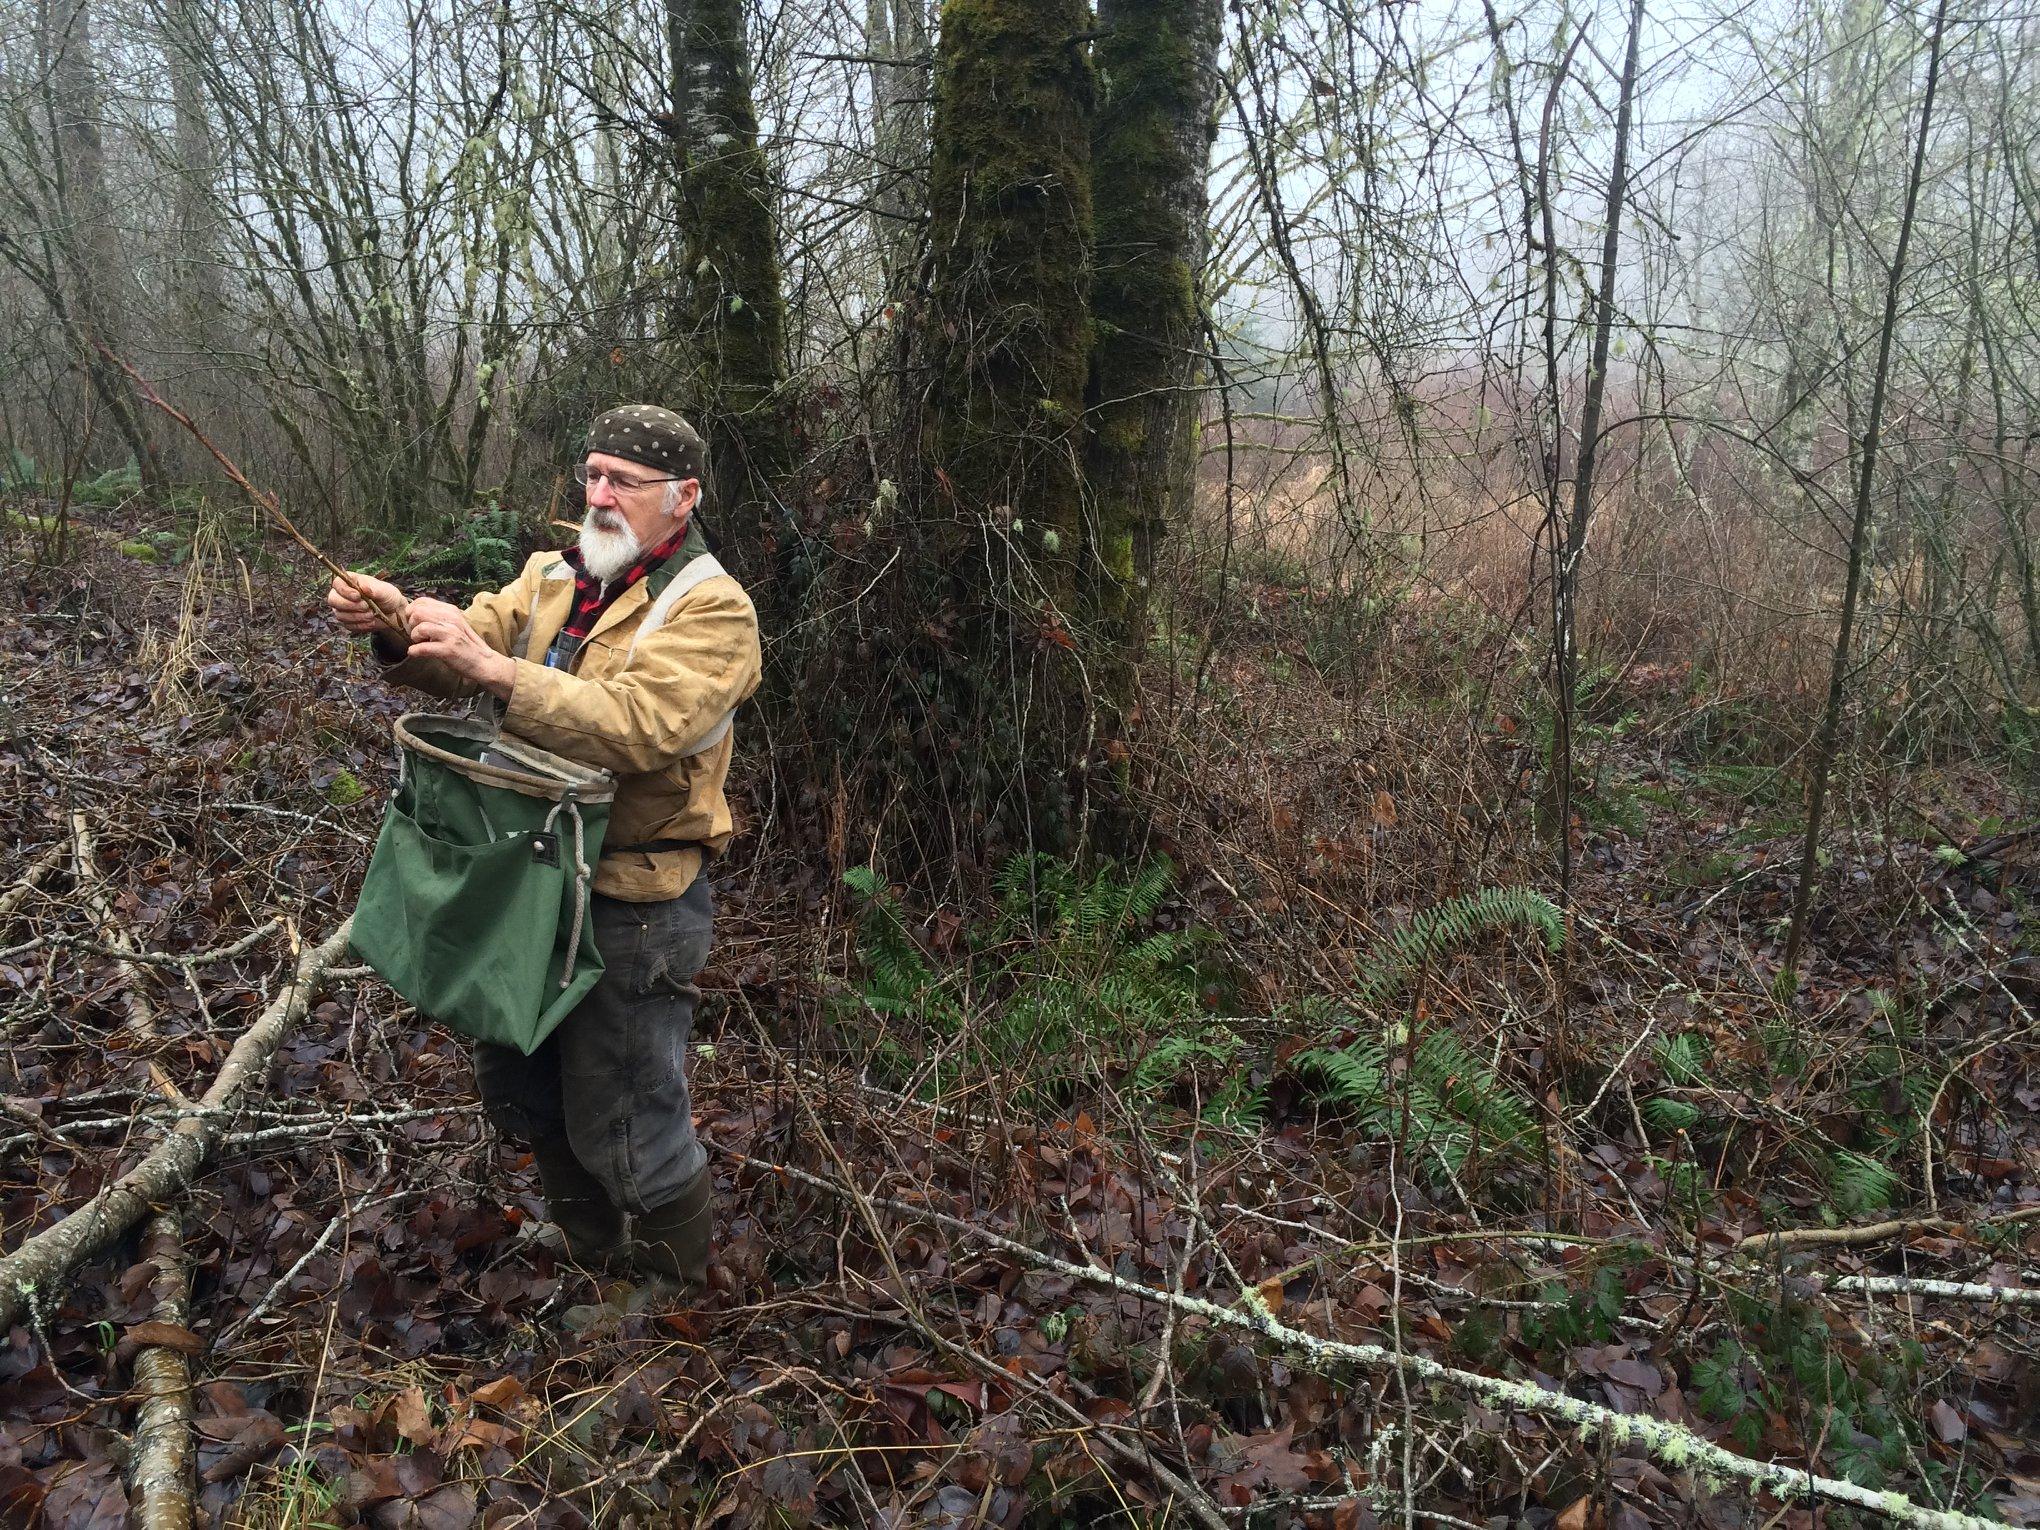 Skeeter wildcrafting